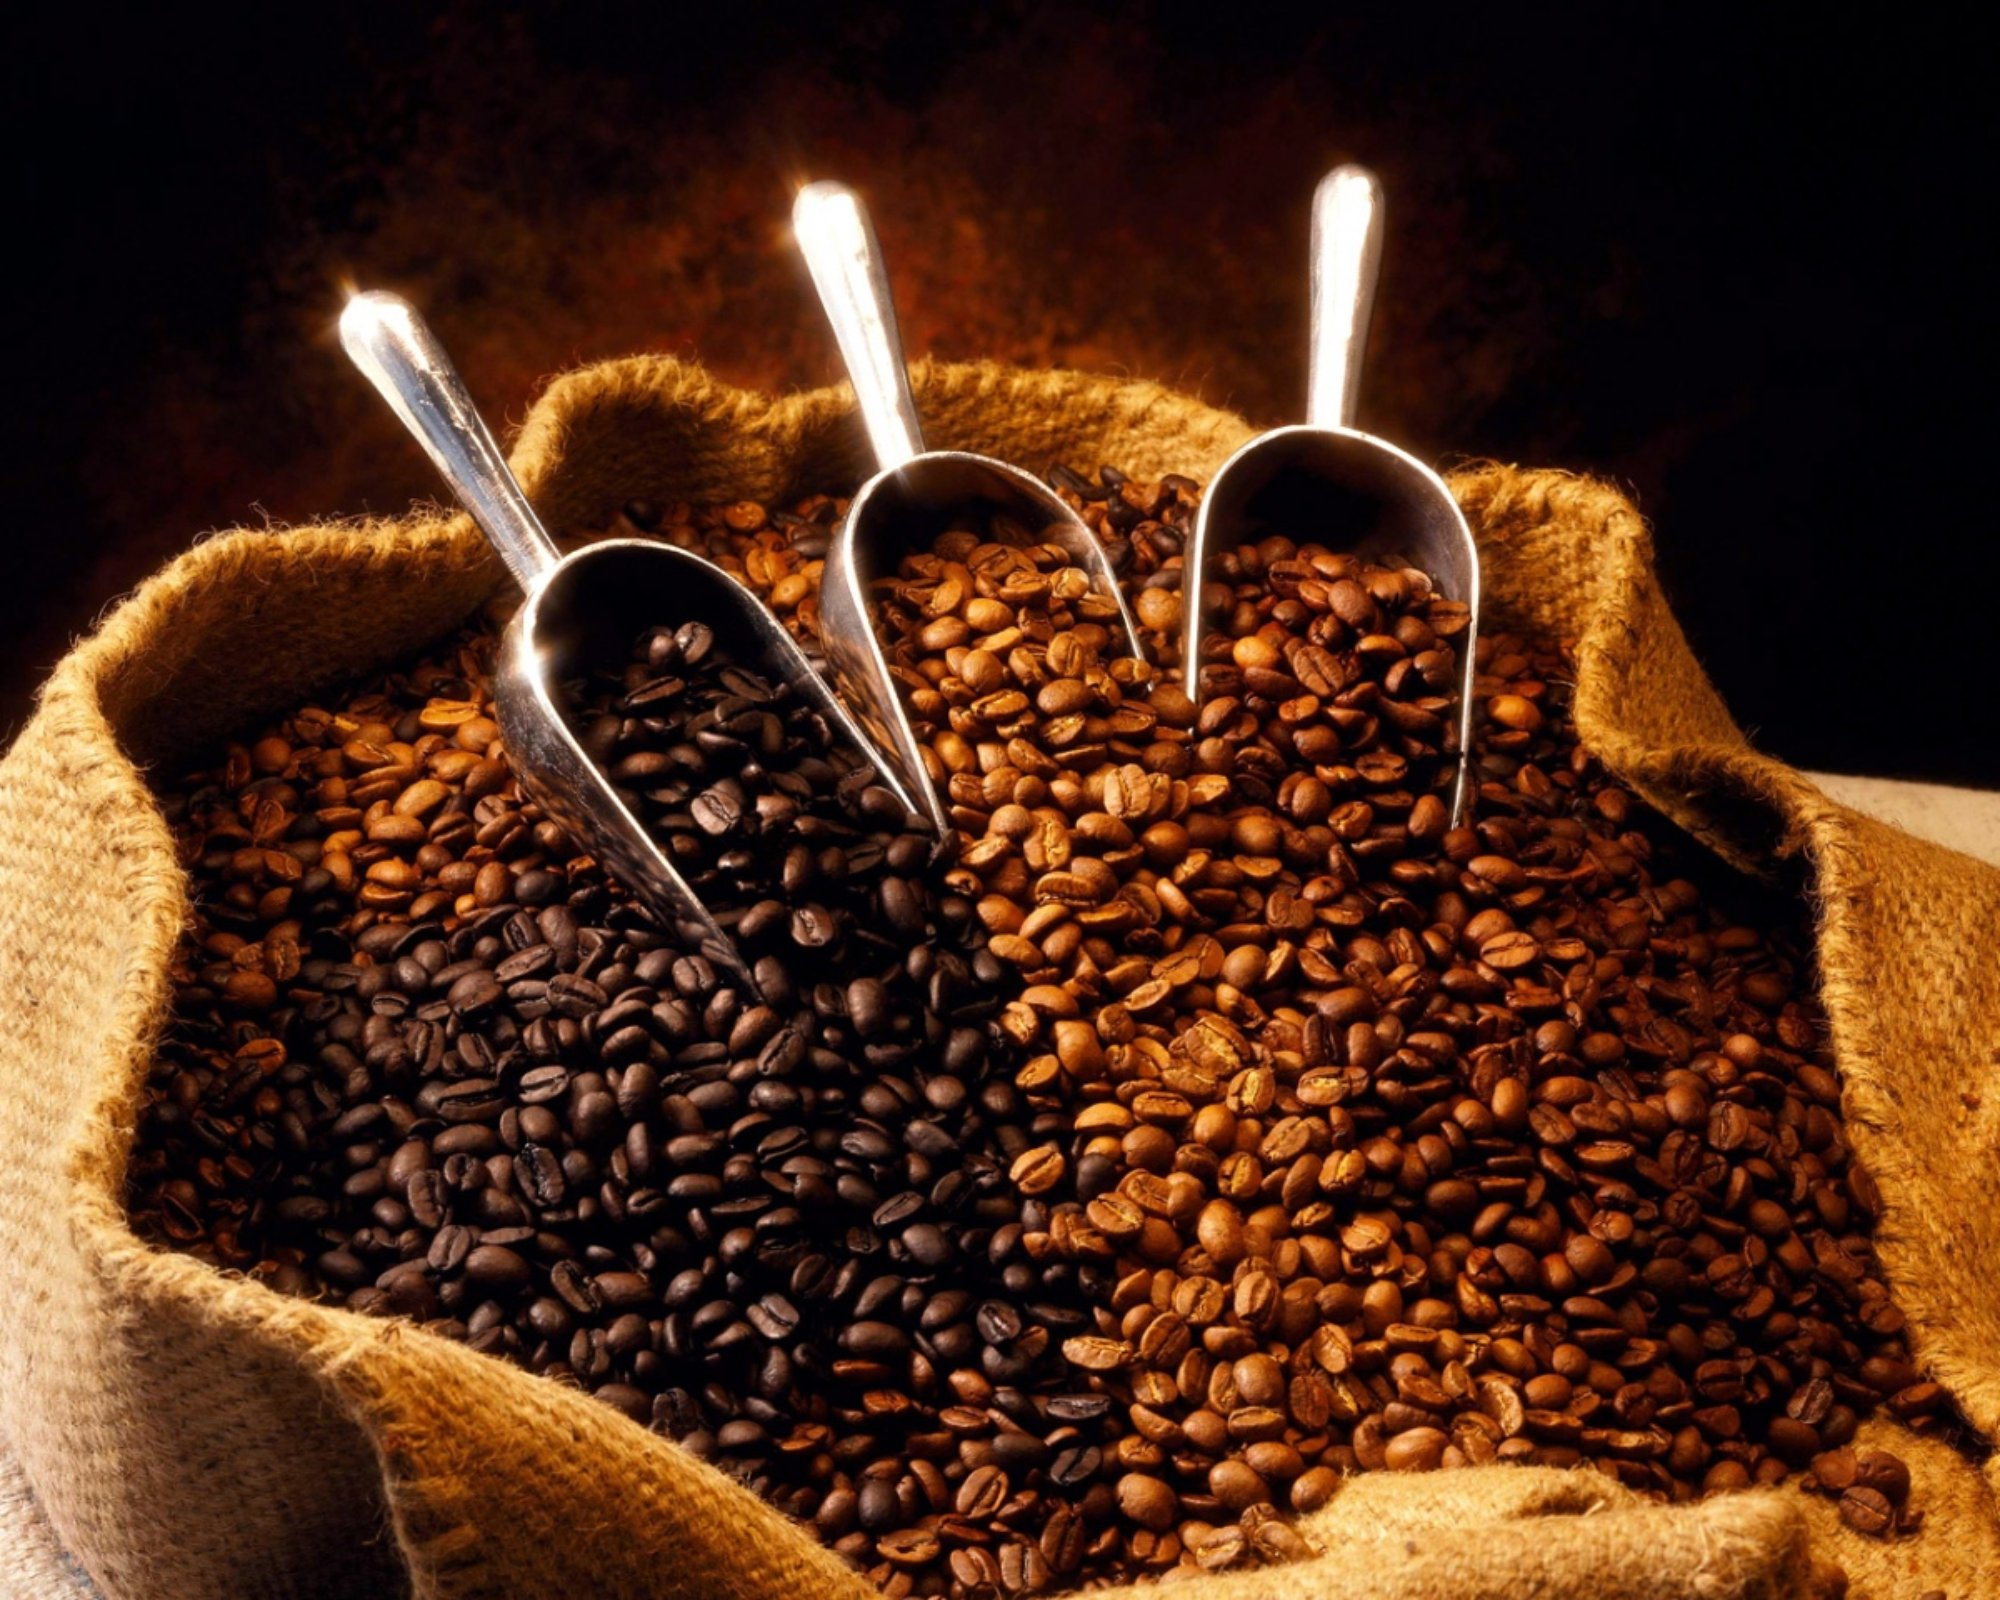 Giá café hạt rang chịu tác động từ nhiều yếu tố.